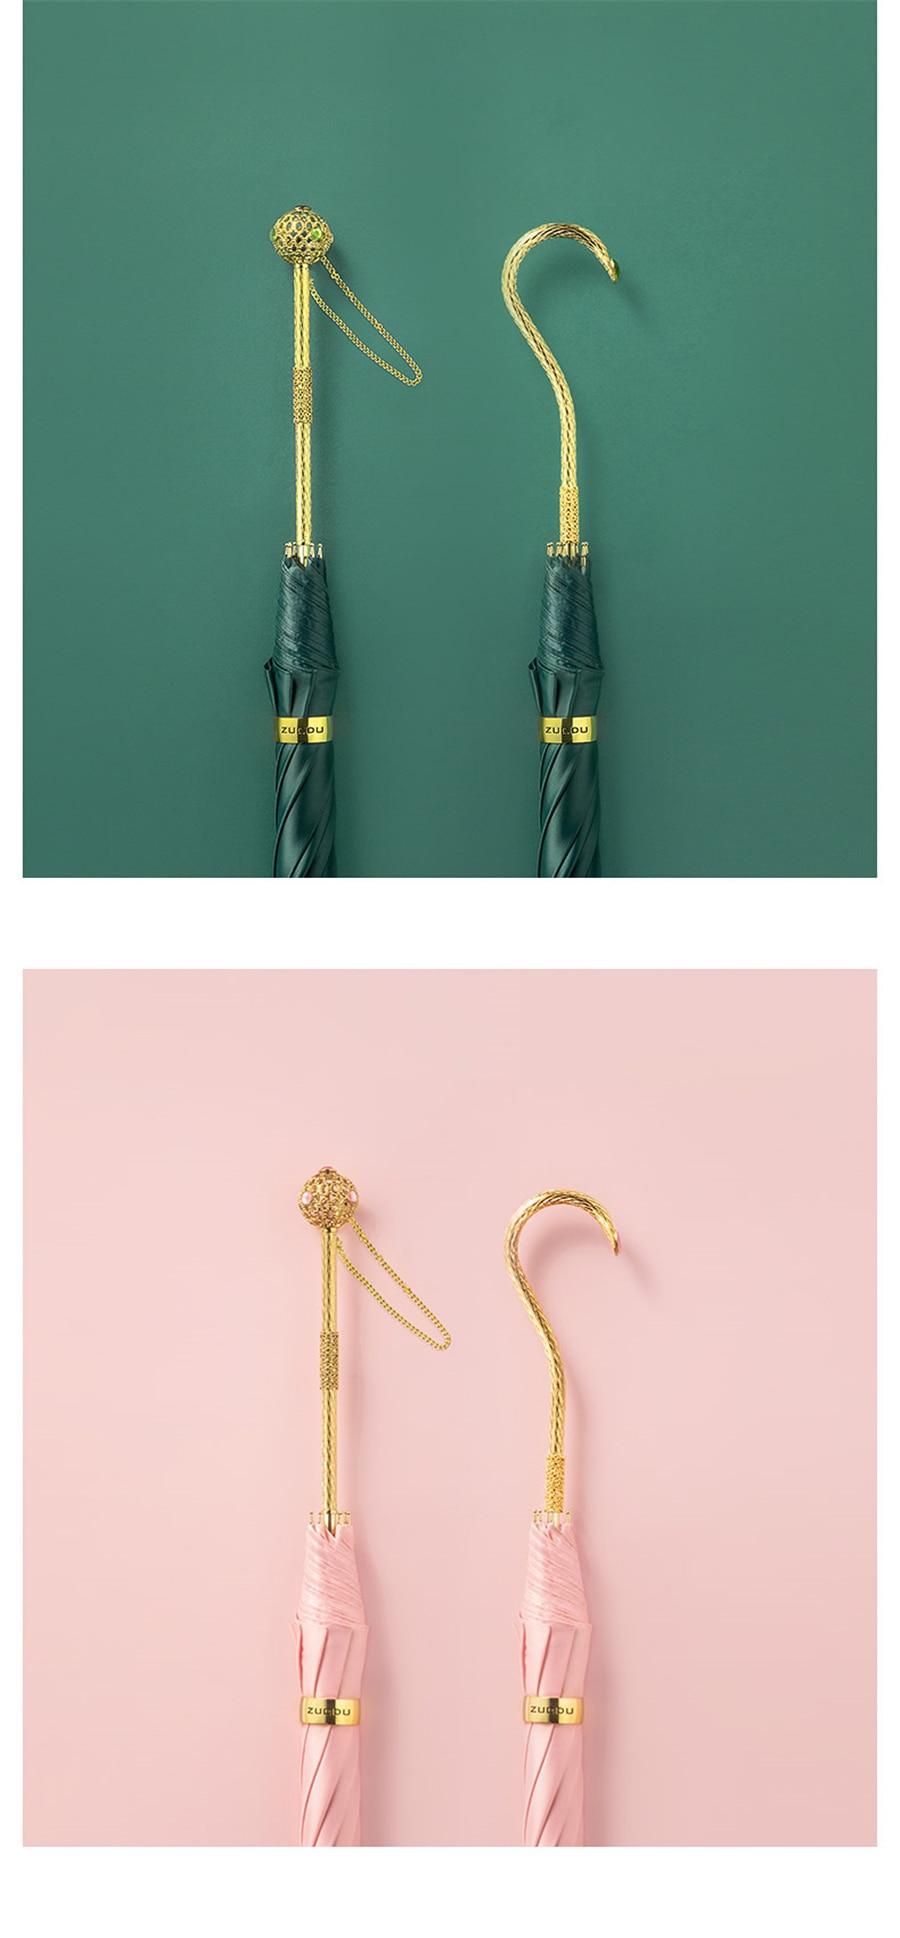 duplo-uso literário verde guarda-chuvas pára-sol oco guarda-chuva lidar com cor sólida